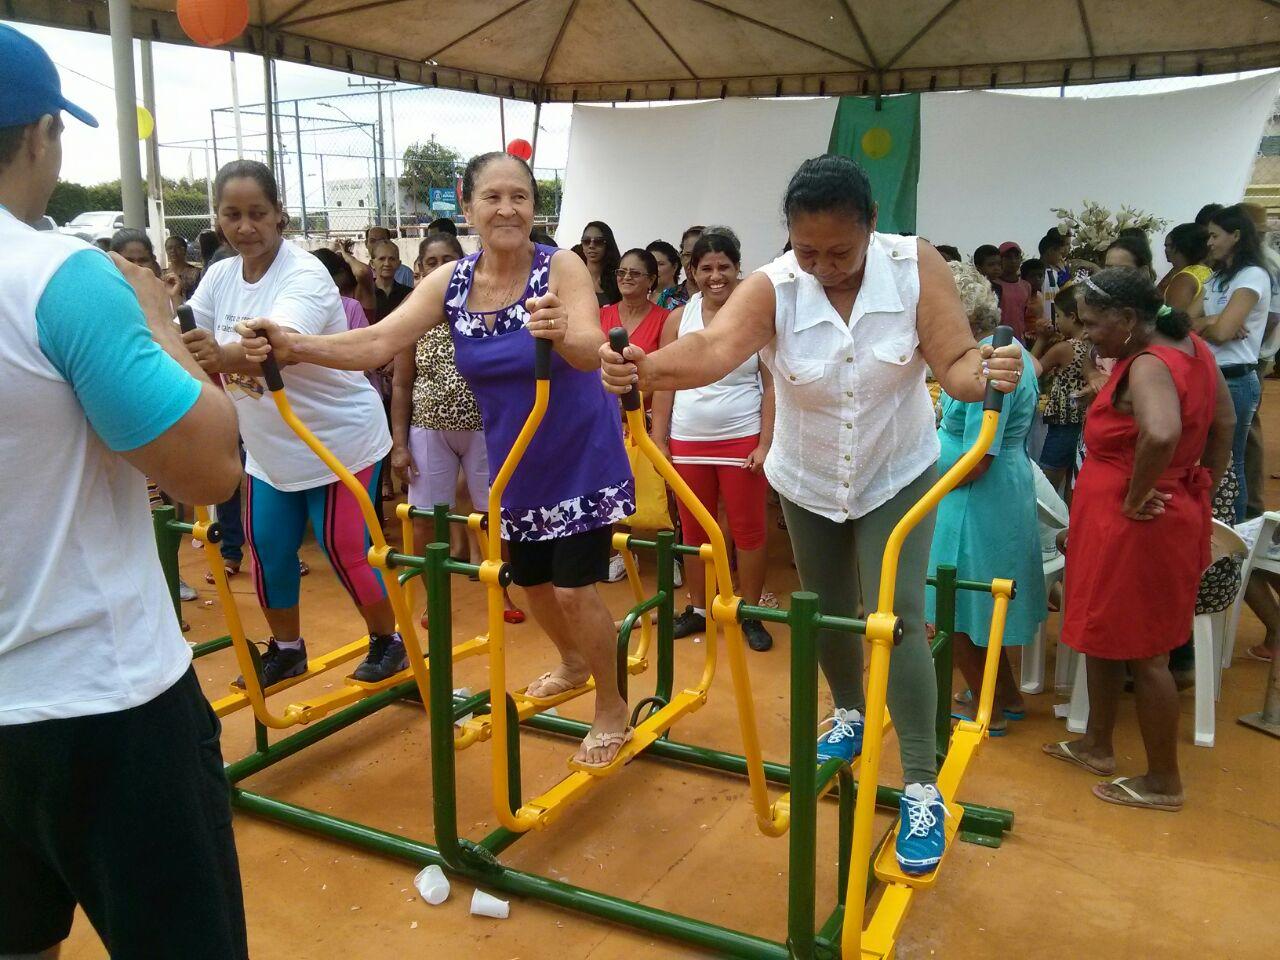 www.tabocasdobrejovelho.ba.gov.br